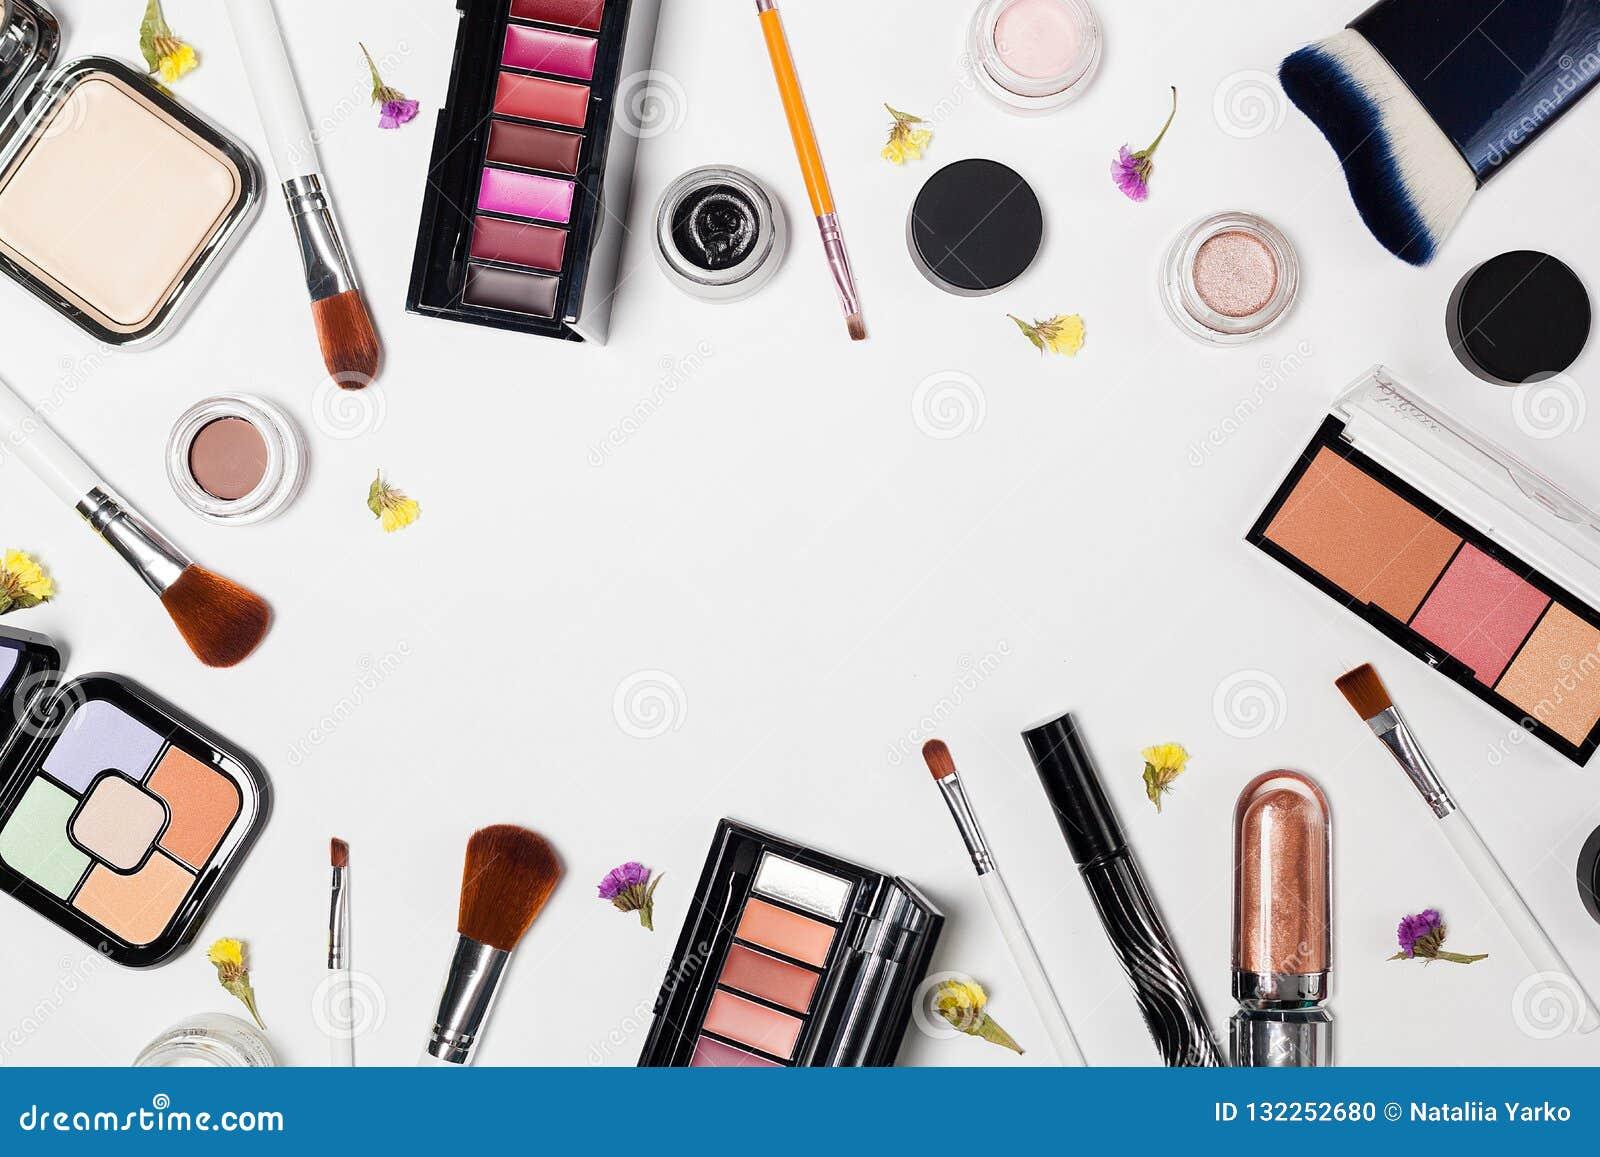 Η γυναίκα αποτελεί τα προϊόντα και τα εξαρτήματα στο άσπρο υπόβαθρο επαγγελματικά διακοσμητικά καλλυντικά, makeup εργαλεία